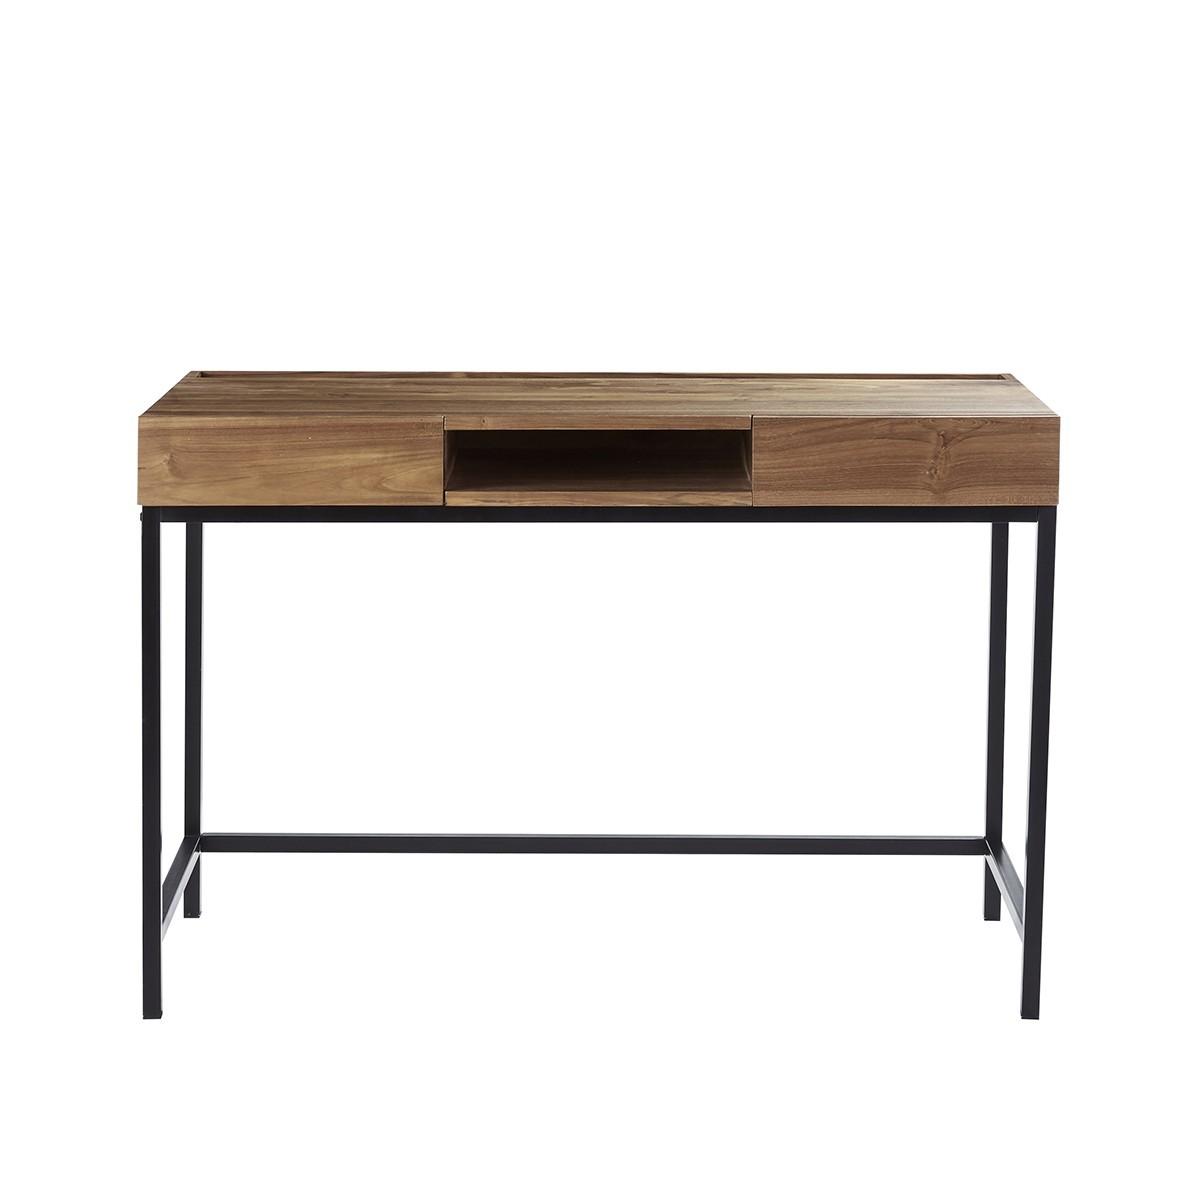 Bureau 2 tiroirs et 1 niche en bois et métal